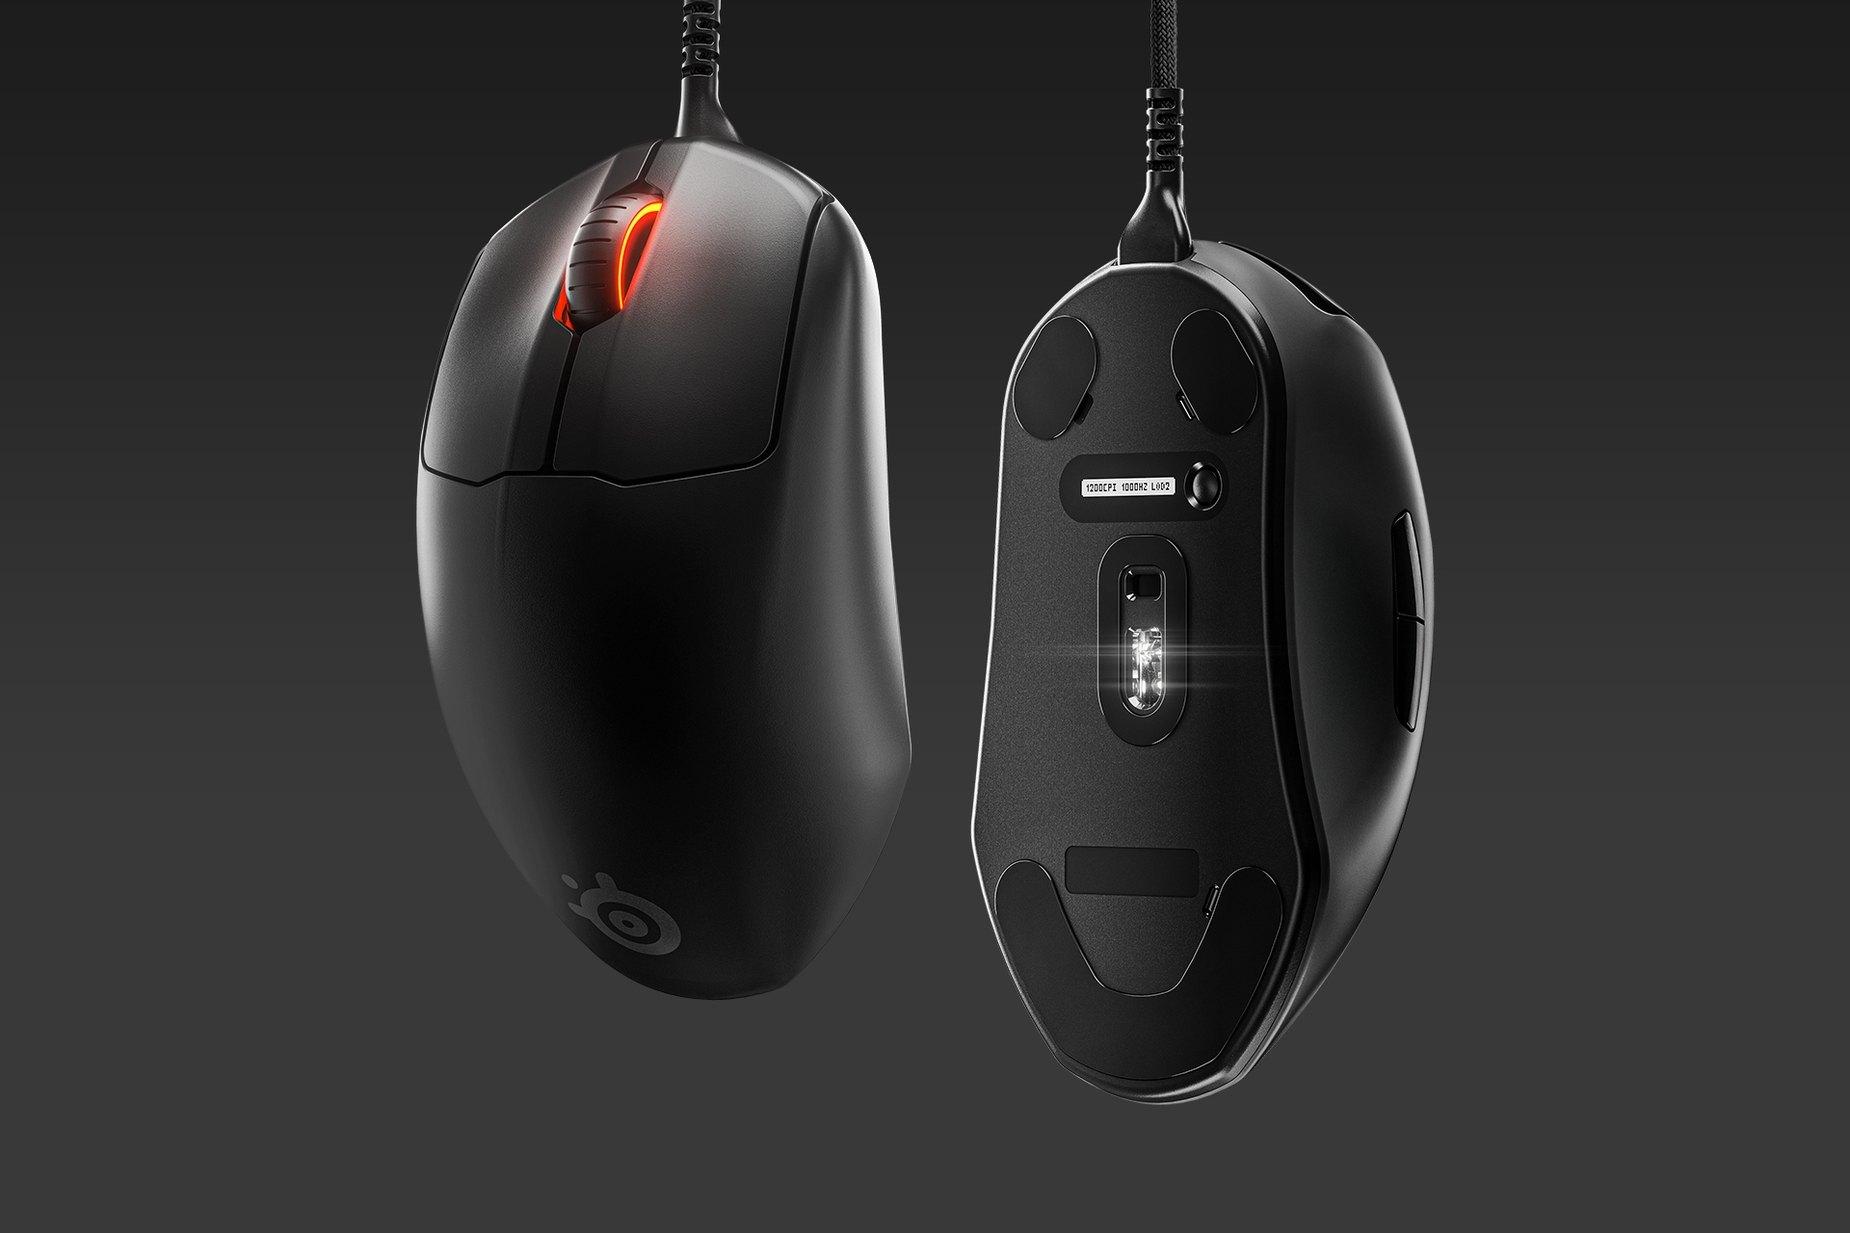 兩支 Prime+ 滑鼠:一支展示掌托,另一支展示感應器。